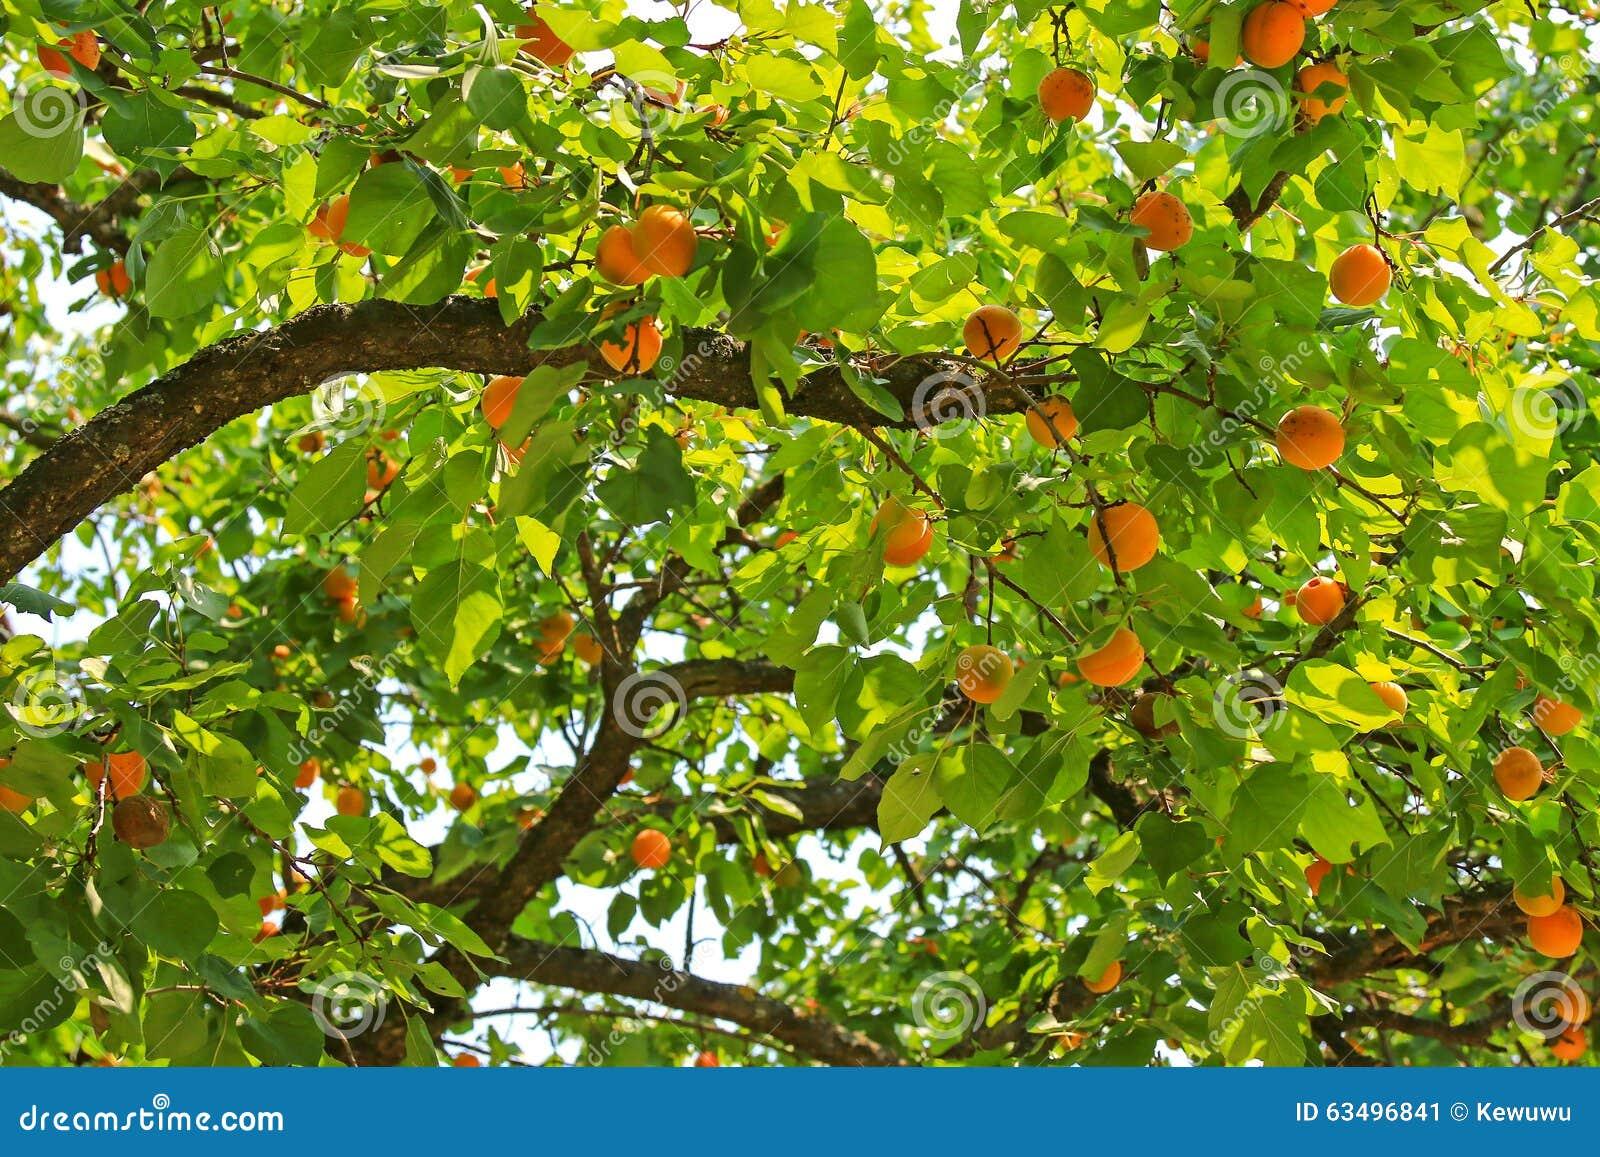 Les incidences d 39 un abricotier beaucoup portent des fruits pendant l 39 - Taille de l abricotier en video ...